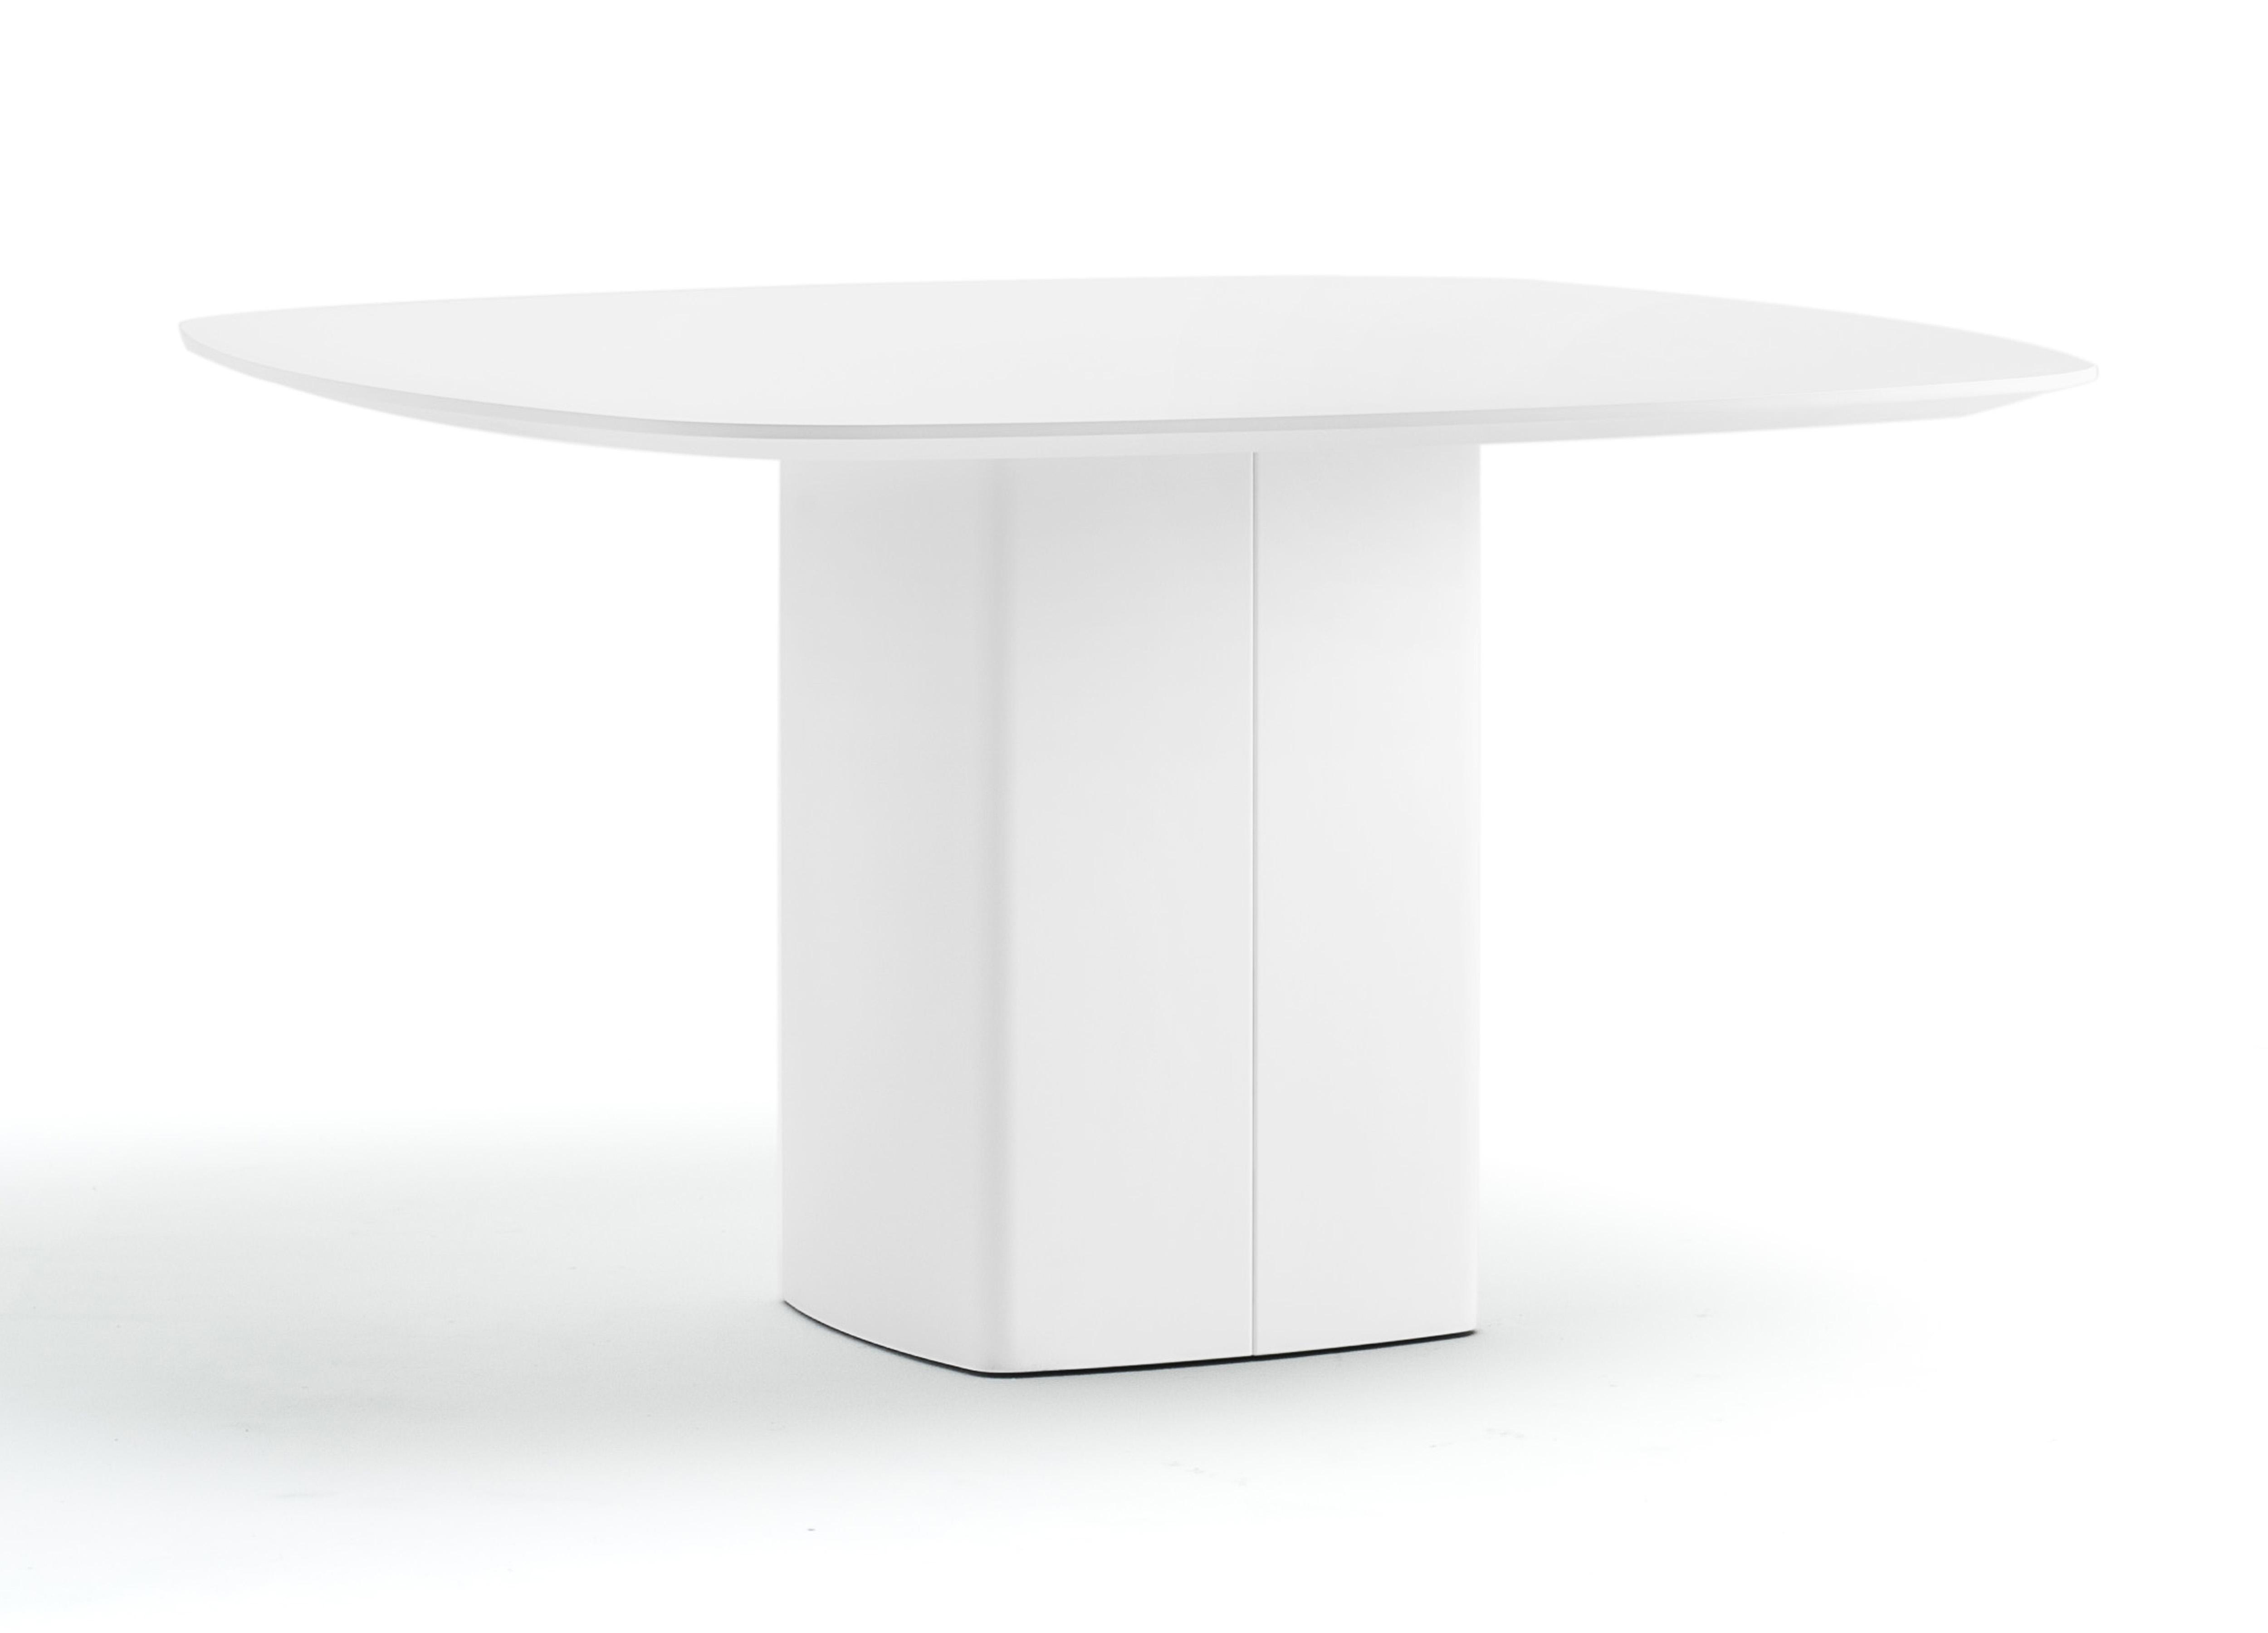 Stół designerski biały Aero Pedrali biały